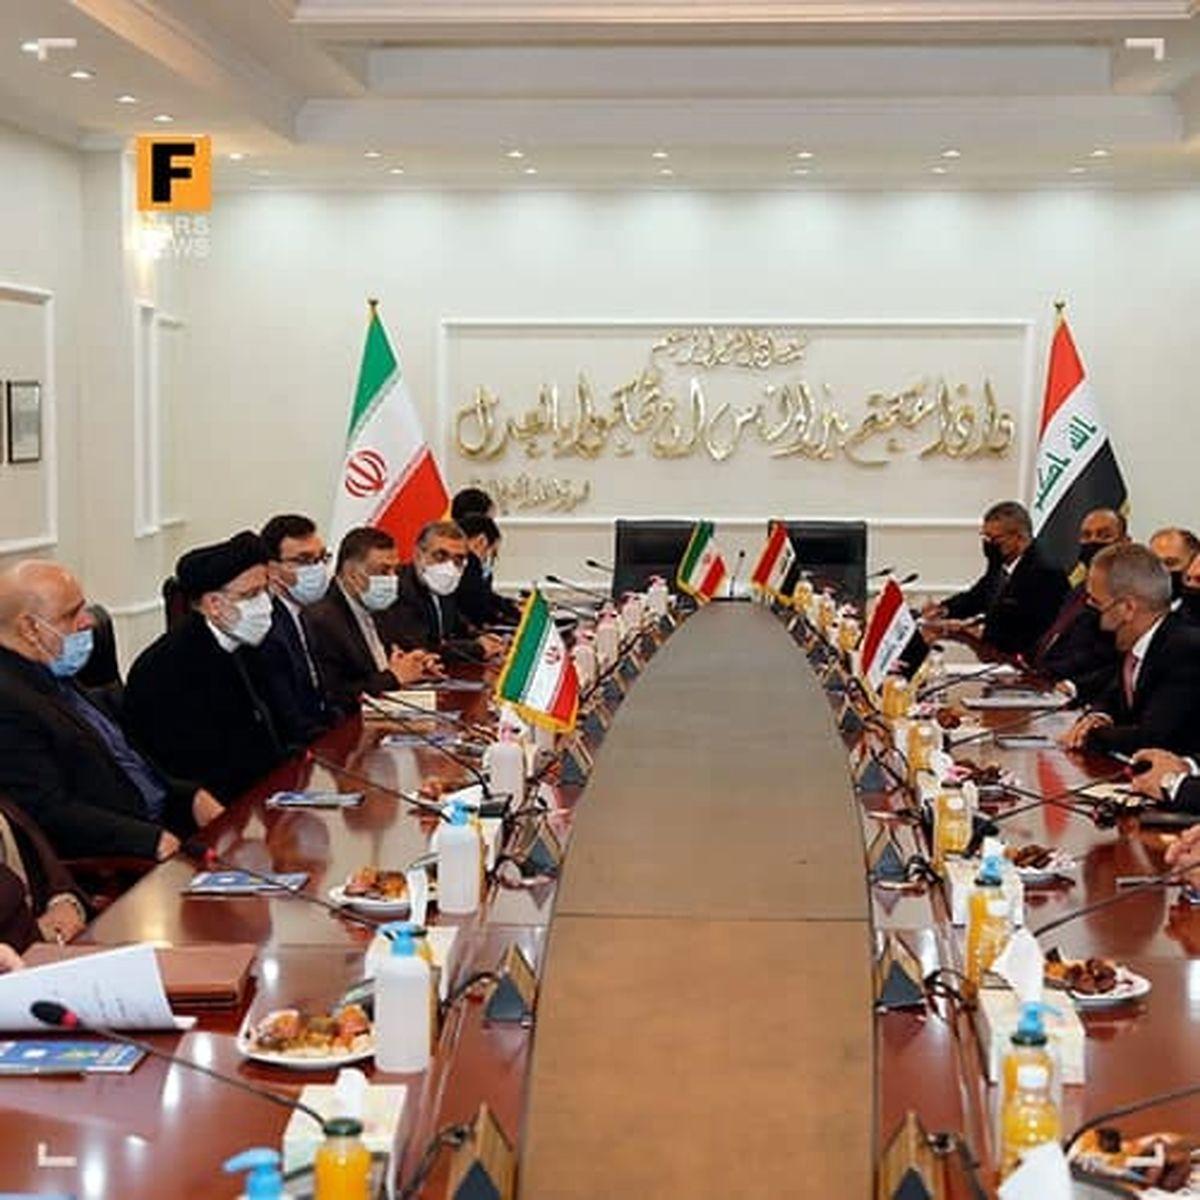 موافقت رهبرانقلاب با عفو زندانیان عراقی واجد شرایط در ایران